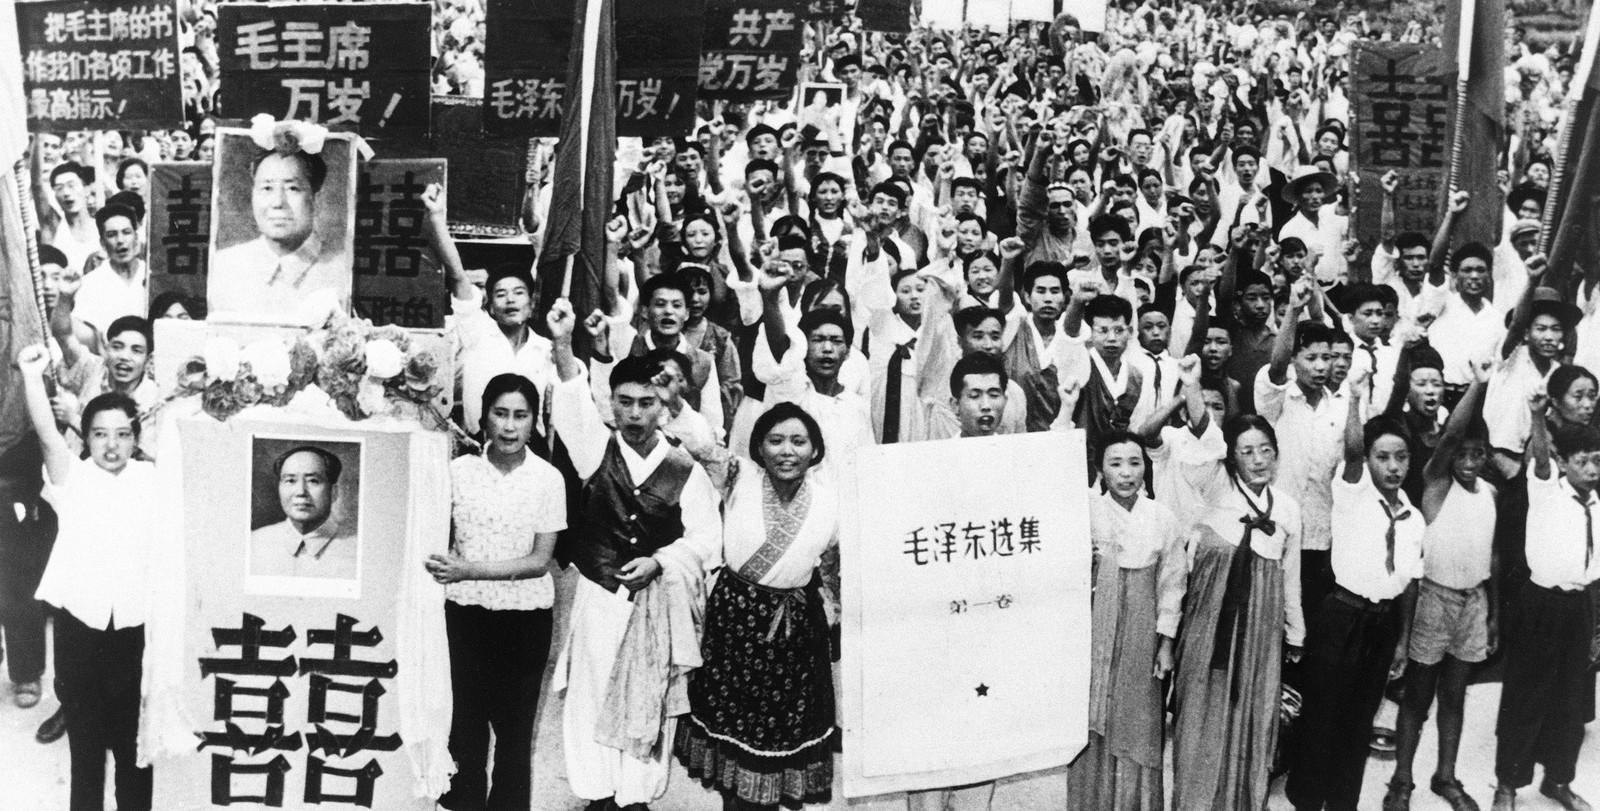 Studenter og lærere i demonstrasjon under kulturrevolusjonen i 1966.